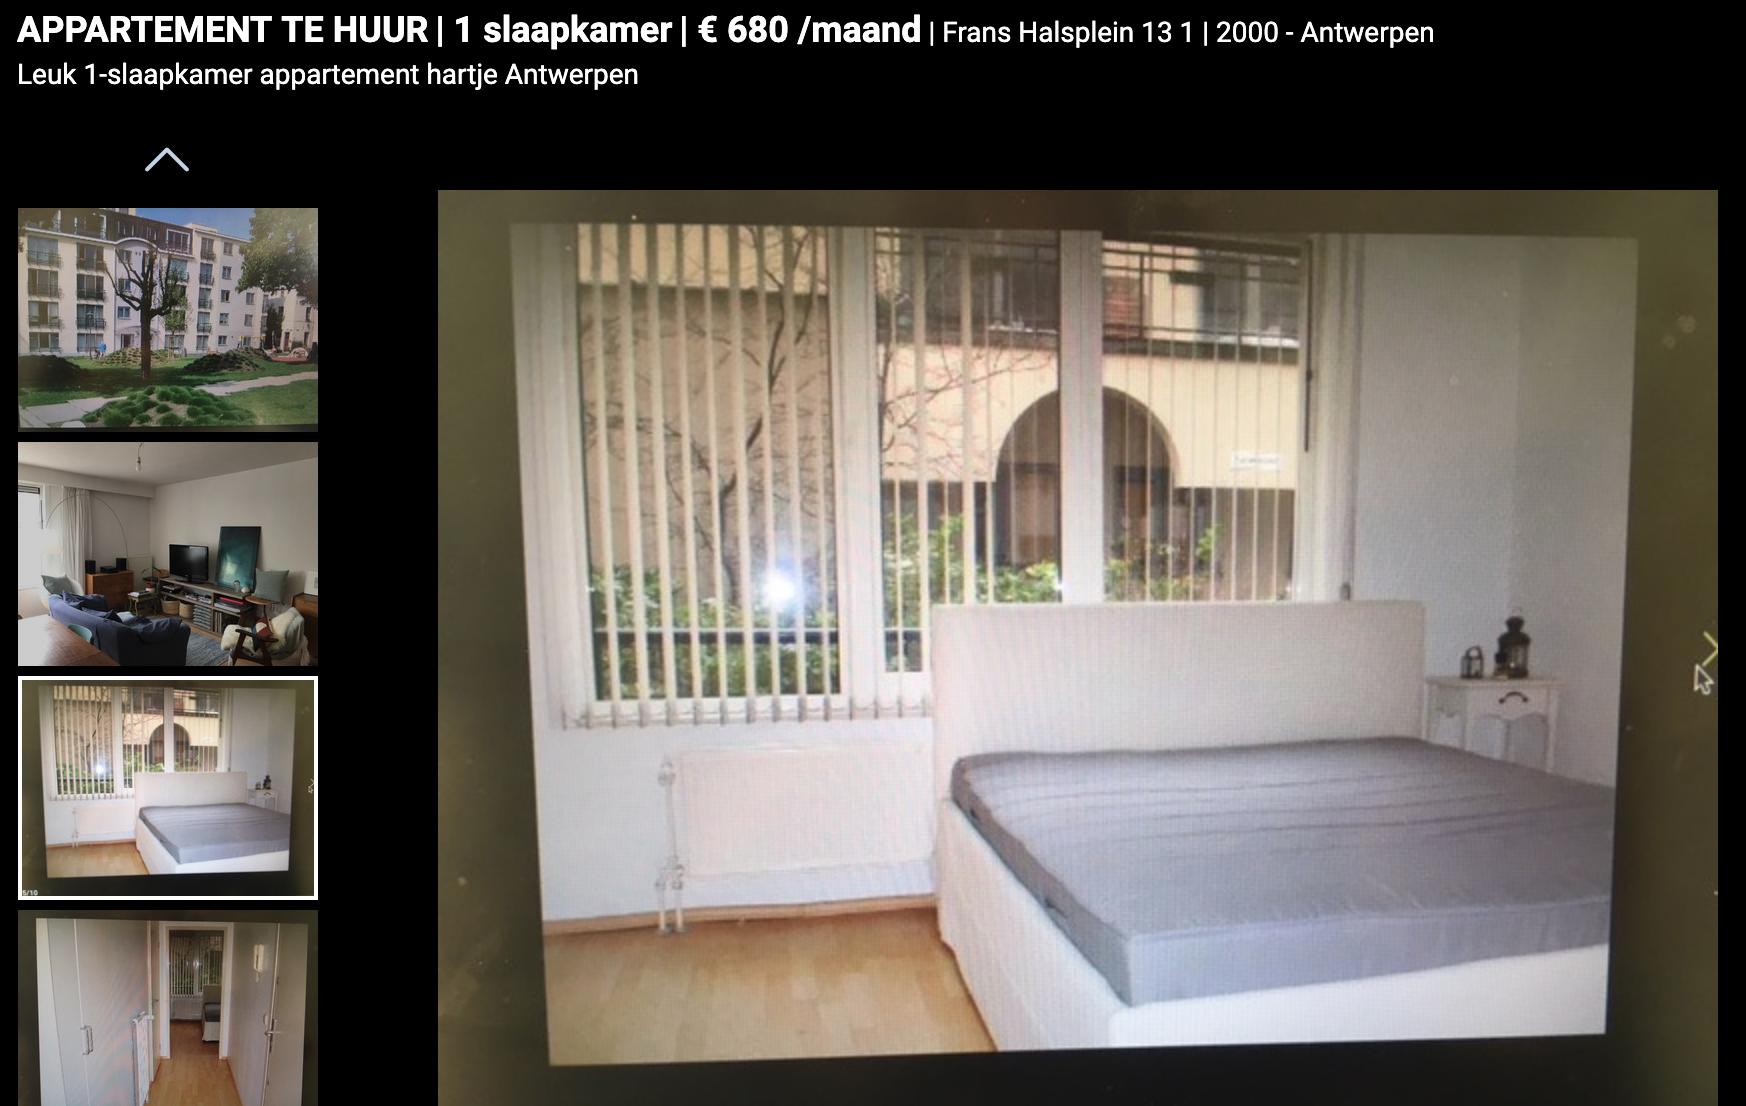 Appartement huren in Antwerpen